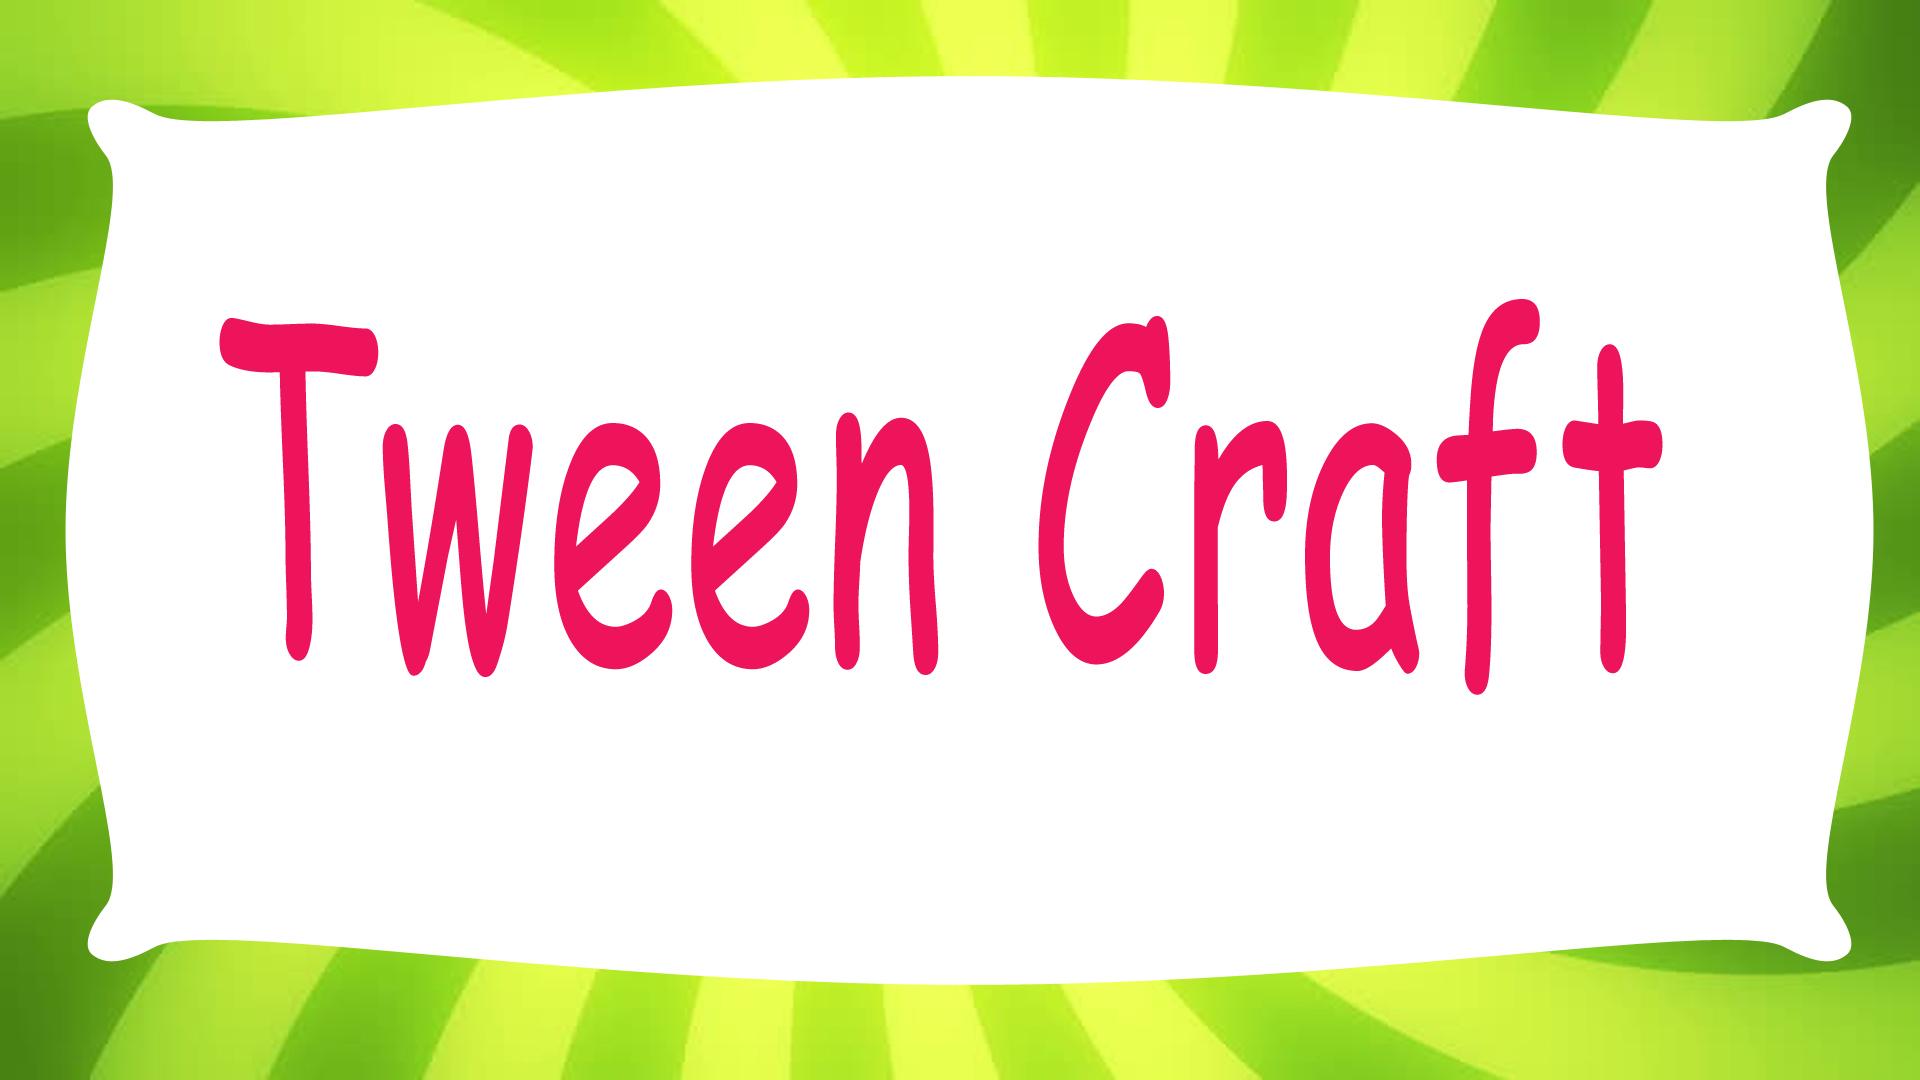 Tween Craft